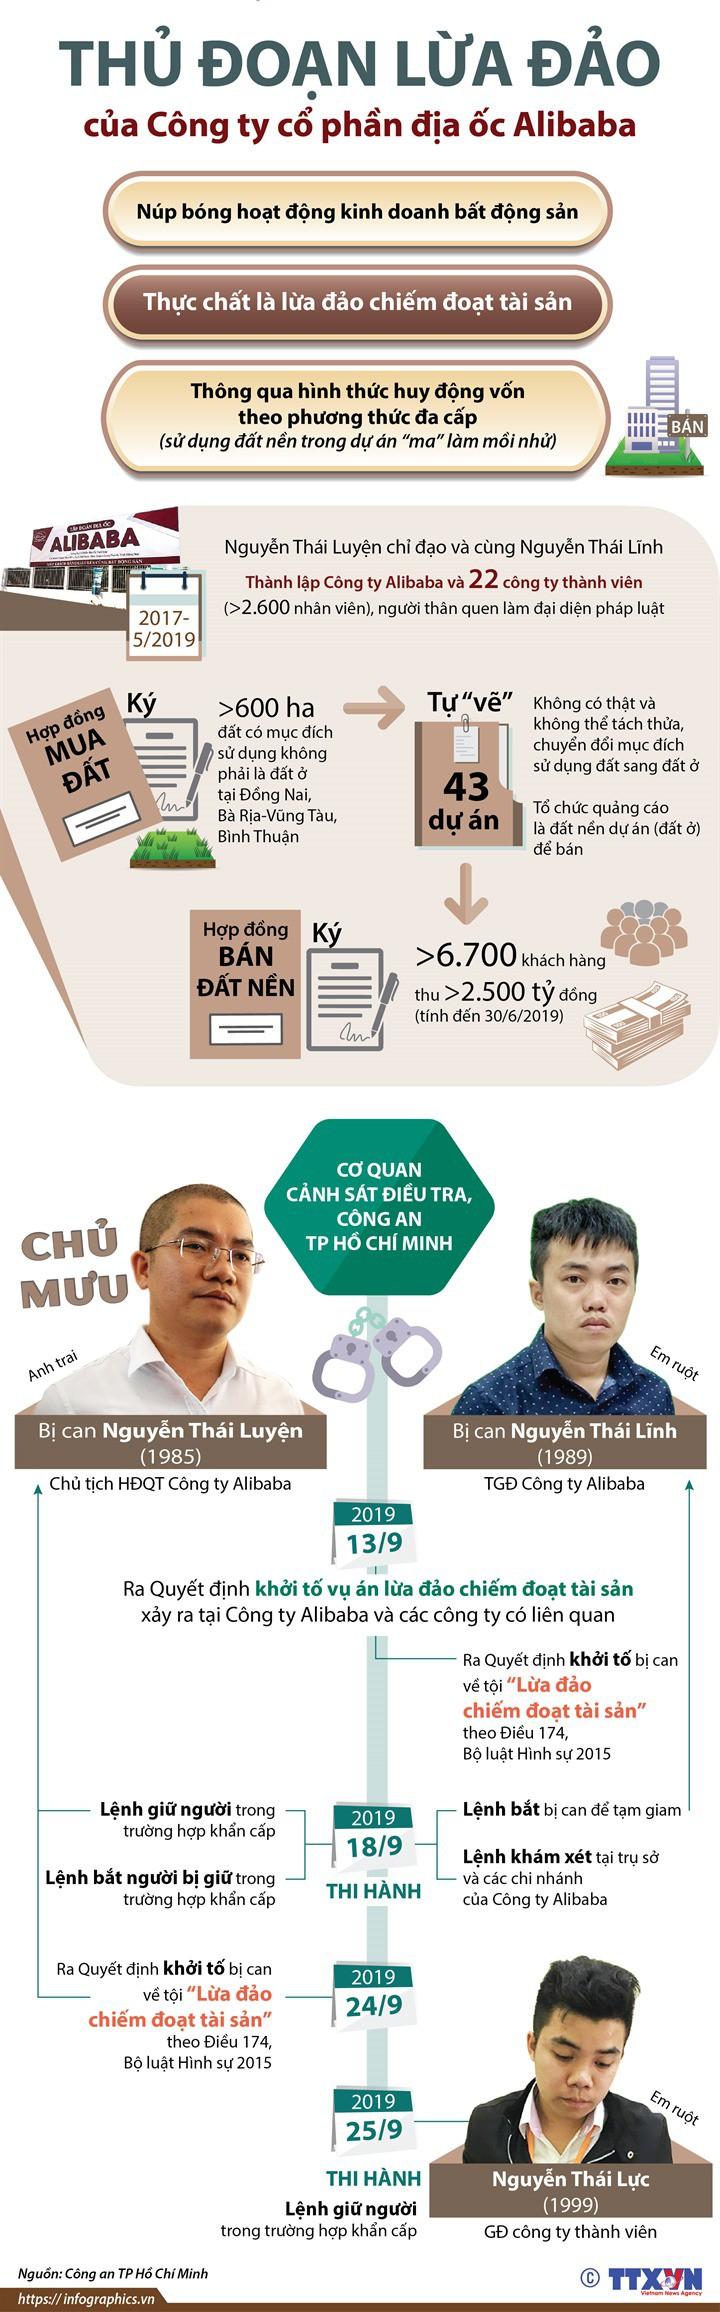 [Infographic] Thủ đoạn lừa đảo của Công ty cổ phần địa ốc Alibaba - Ảnh 1.